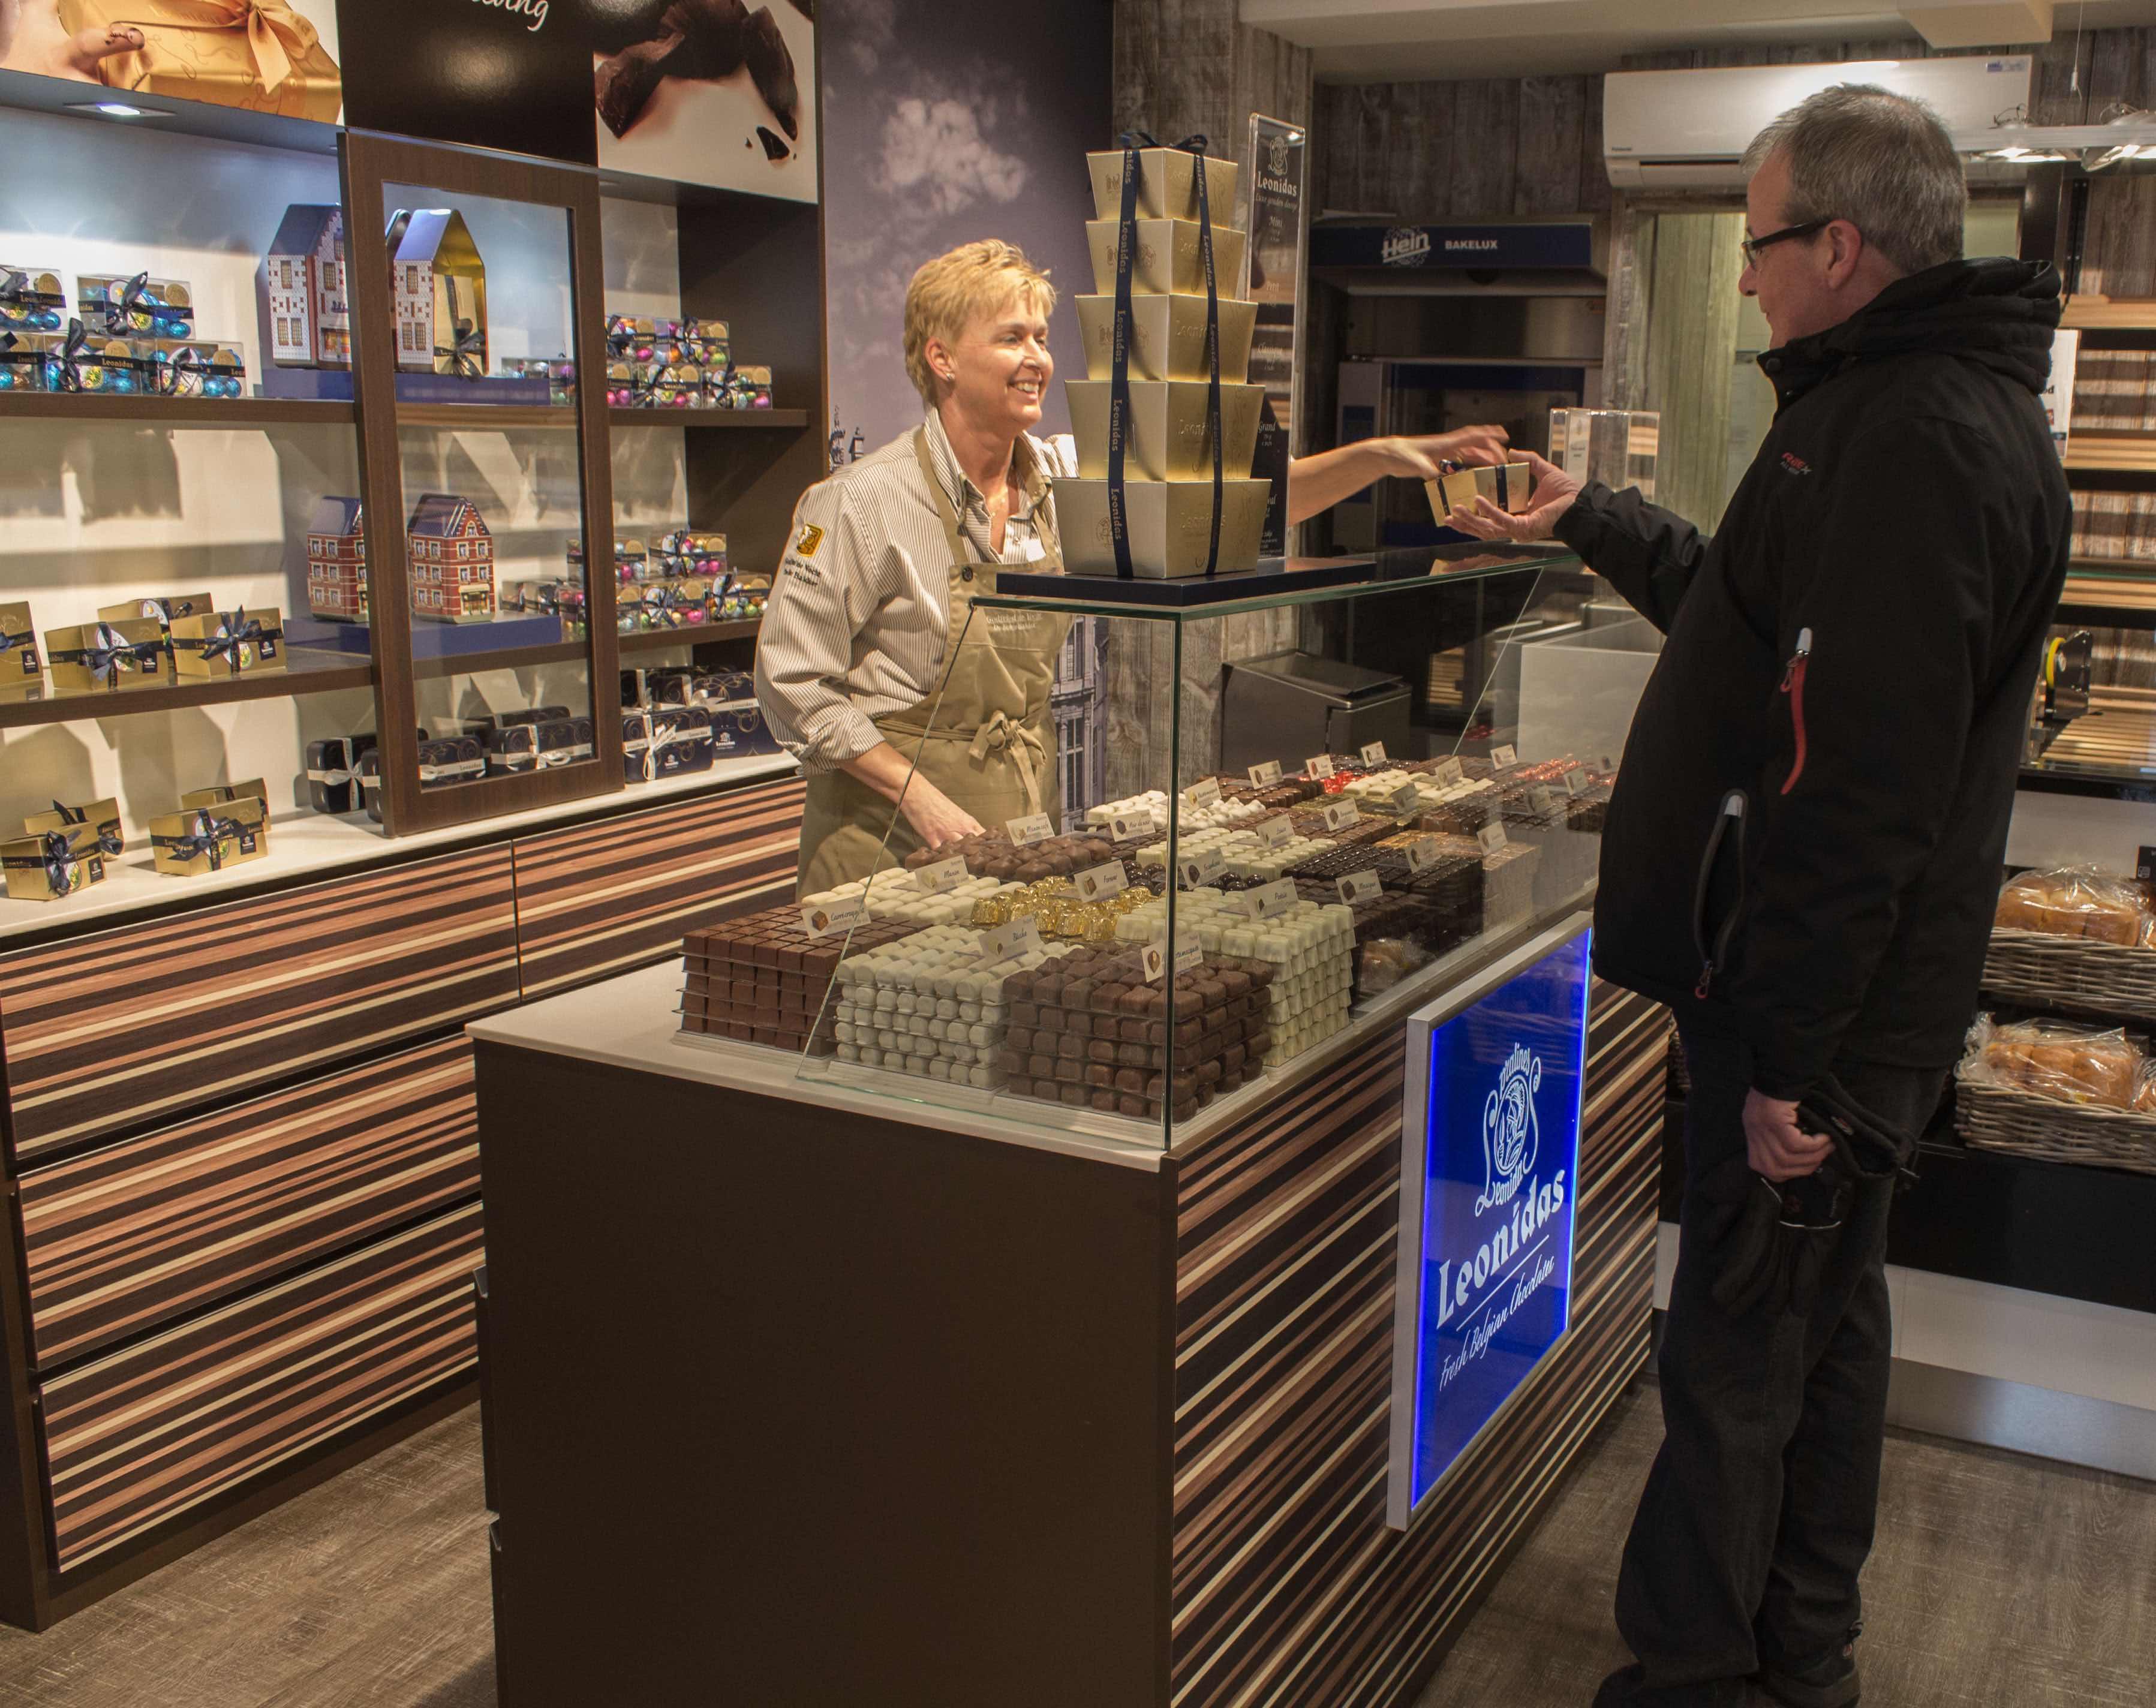 Bakkersspeciaalzaak De Vocht in Eindhoven omarmt concept van beroemde Belgische chocolatier Leonidas. Bron: franchiseFormules.NL